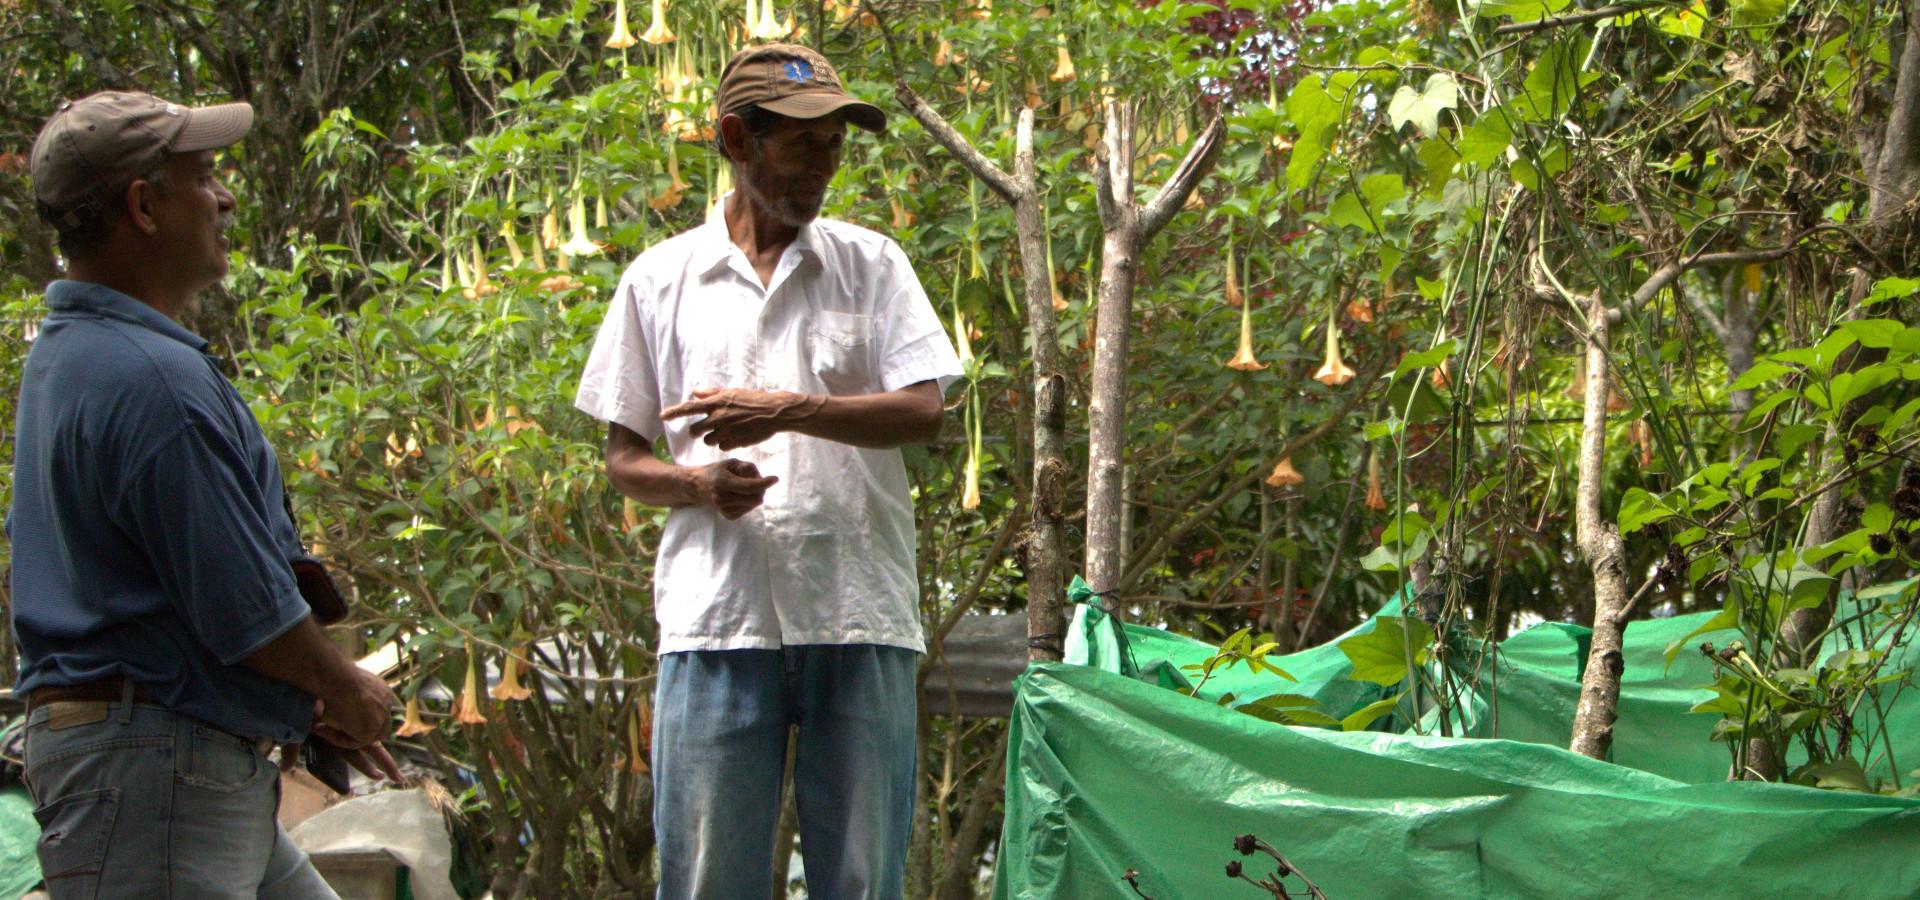 Presentación de Protocolo y Sistematización de Conocimiento Tradicional Ecológico Ch'orti'